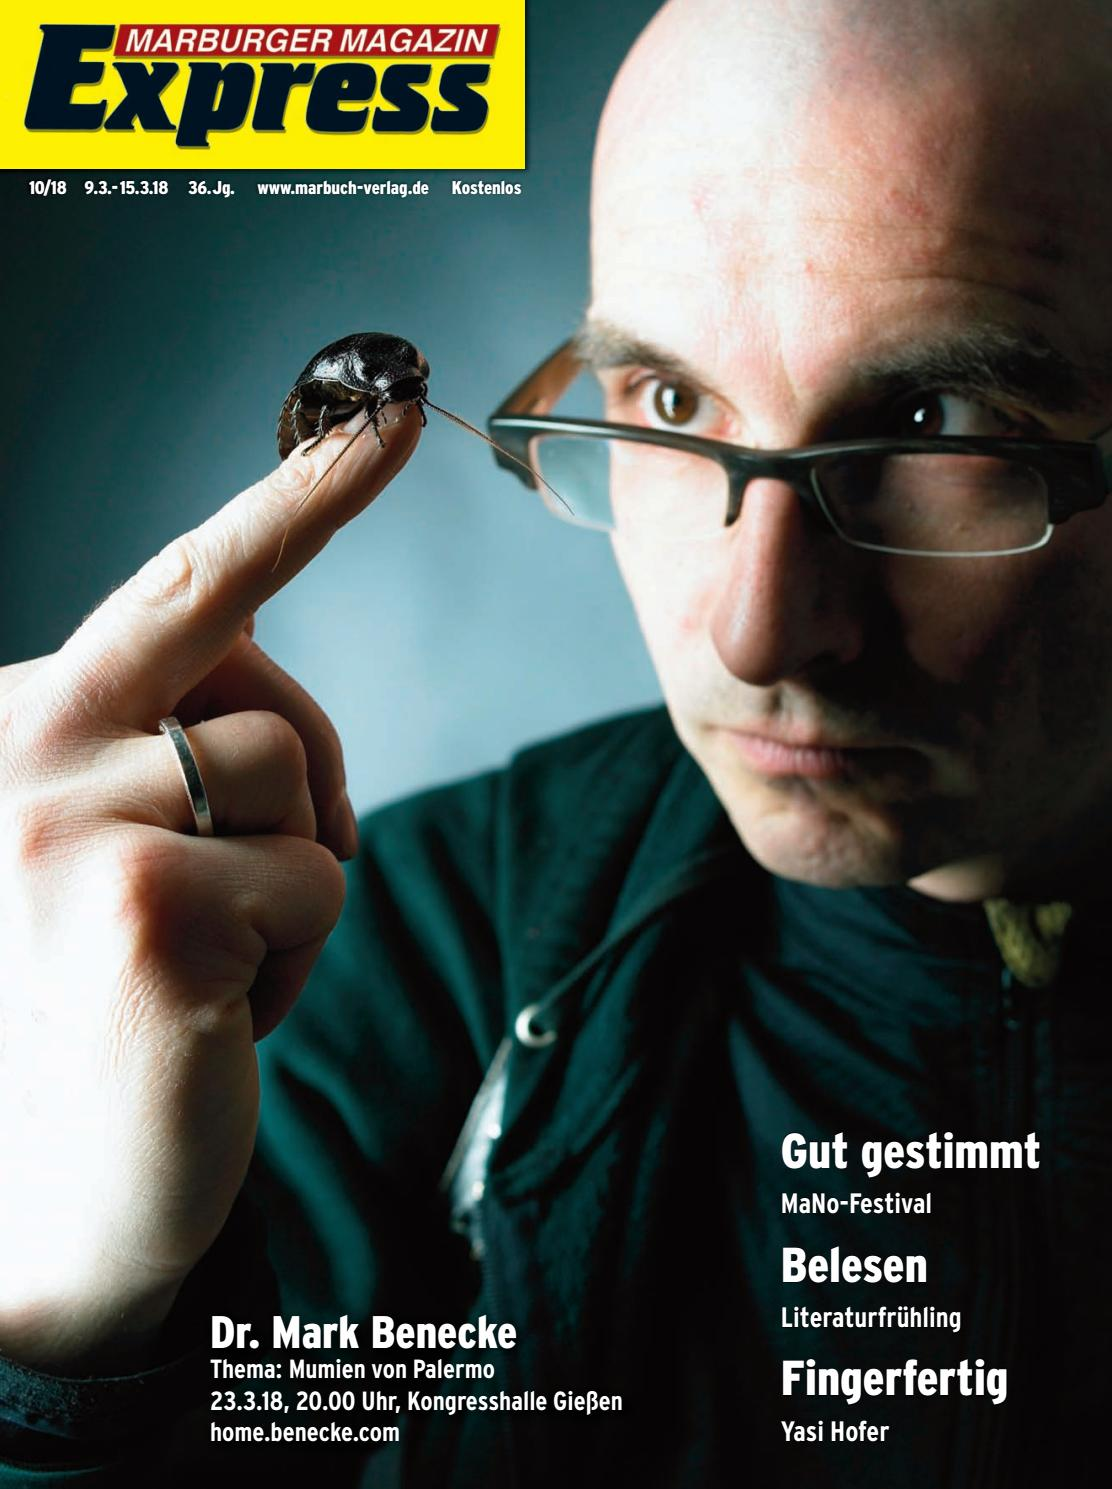 Marburger Magazin Express 10 2018 By Ulrich Butterweck Issuu